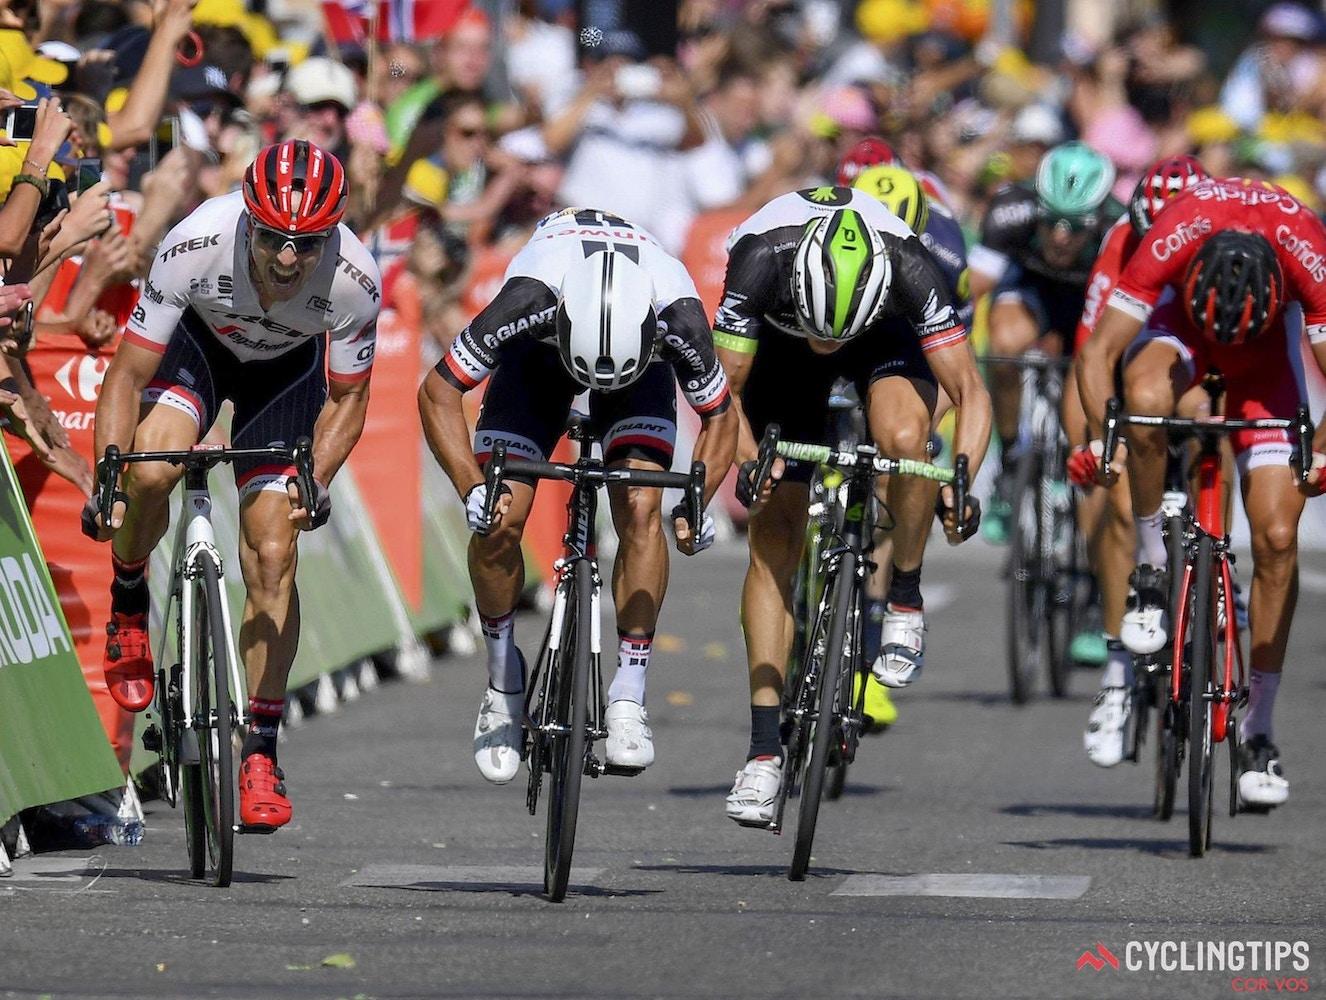 Tour de France 2017: Stage Sixteen Race Recap